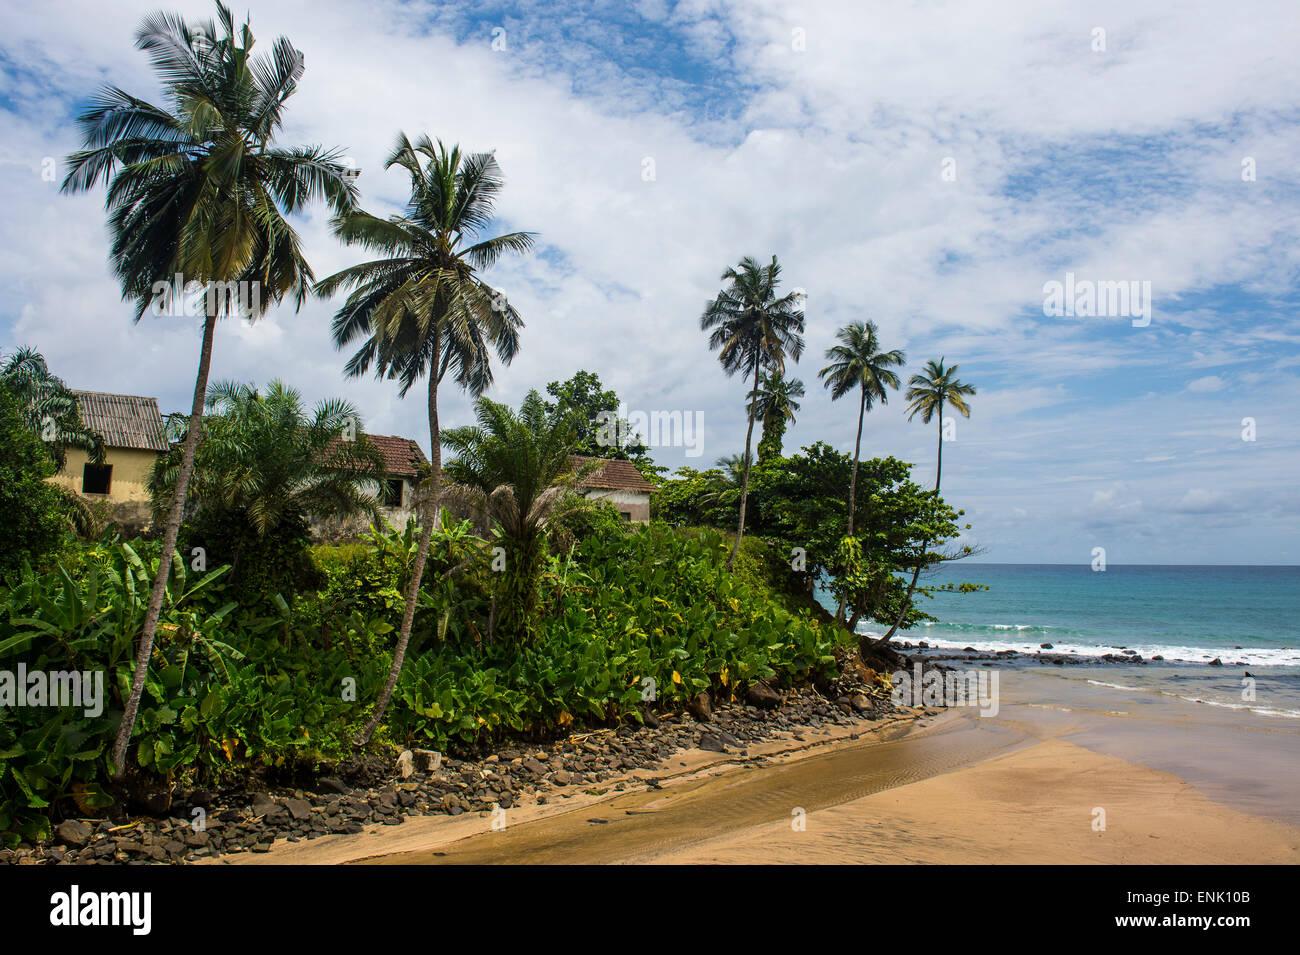 Los edificios coloniales en Caue, costa oriental de Santo Tomé, Santo Tomé y Príncipe, el Océano Atlántico, África Foto de stock